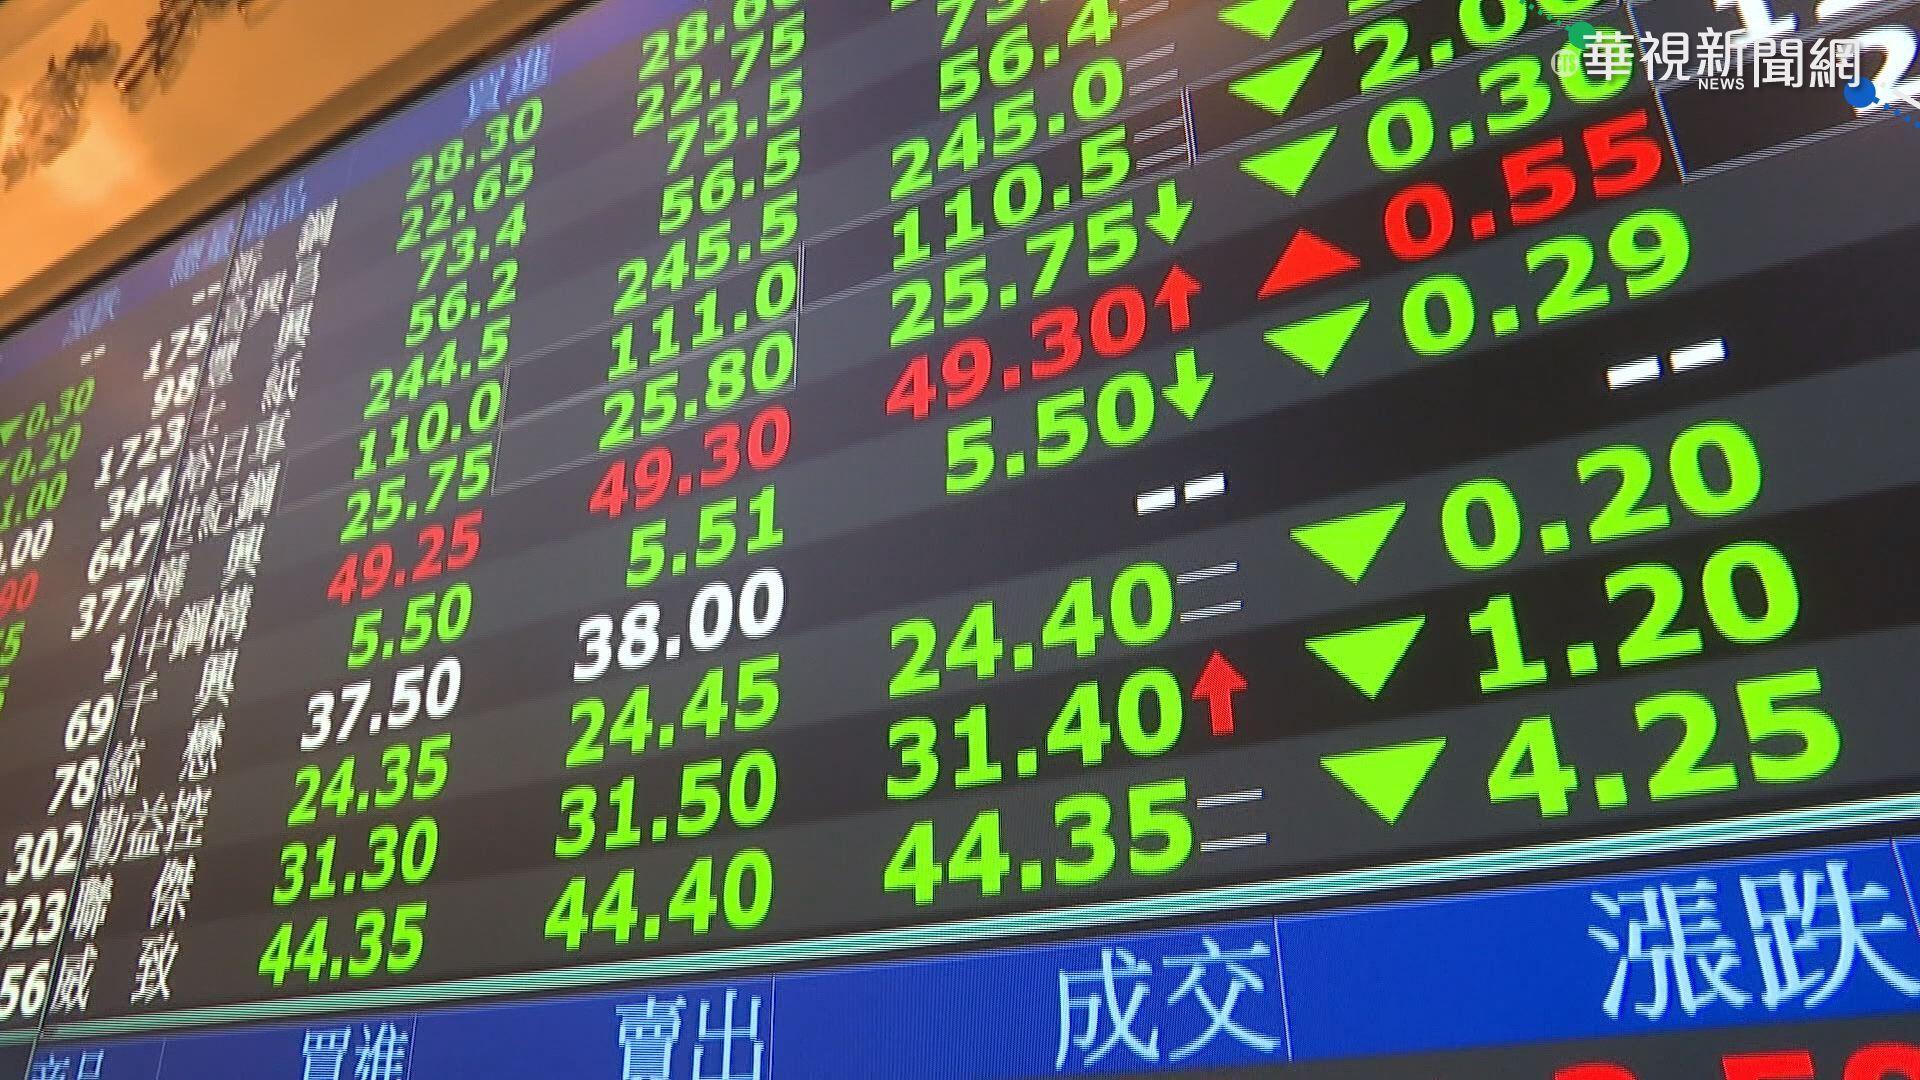 權值股走弱 台股跌逾300點 摜破16500點